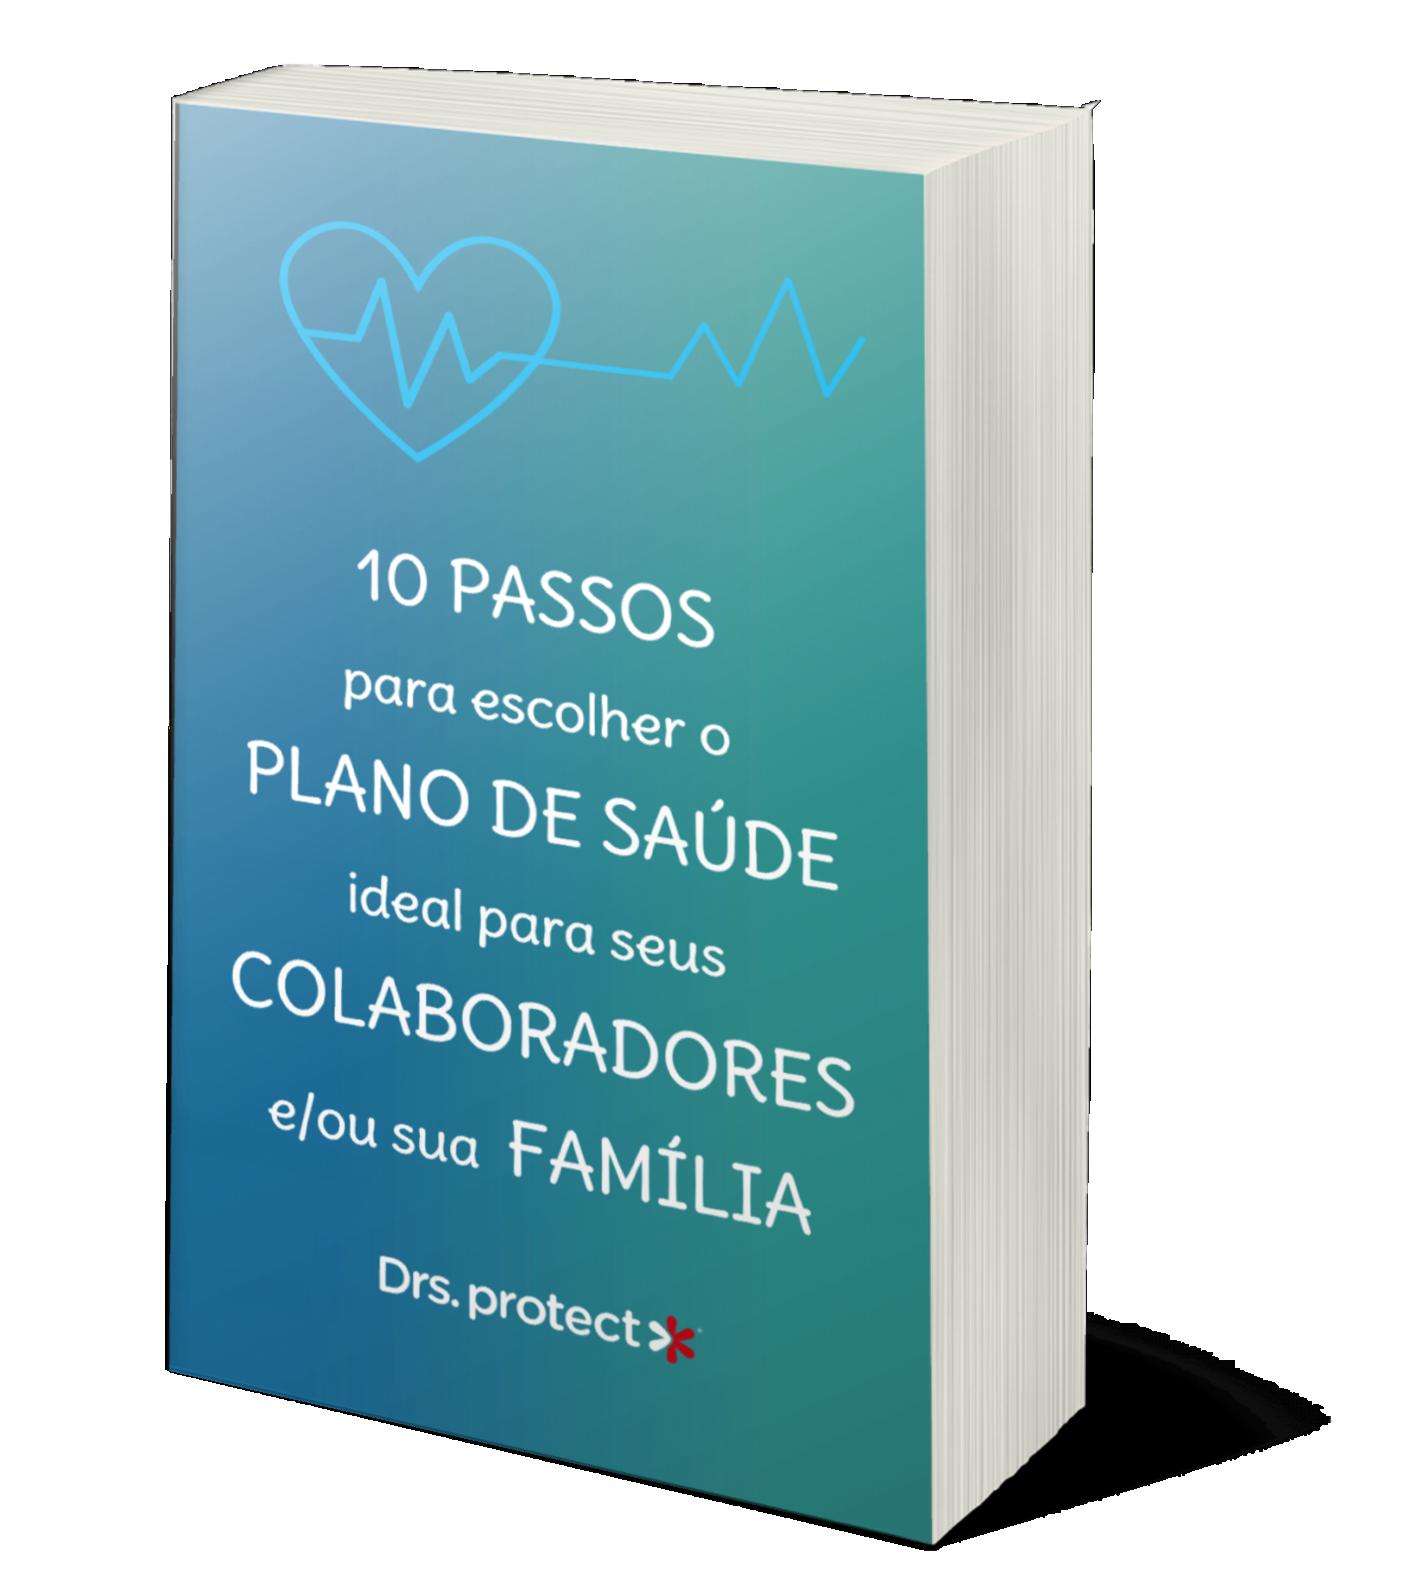 10 Passos para vocês escolher o Plano de Saúde ideal para seus colaboradores e sua família